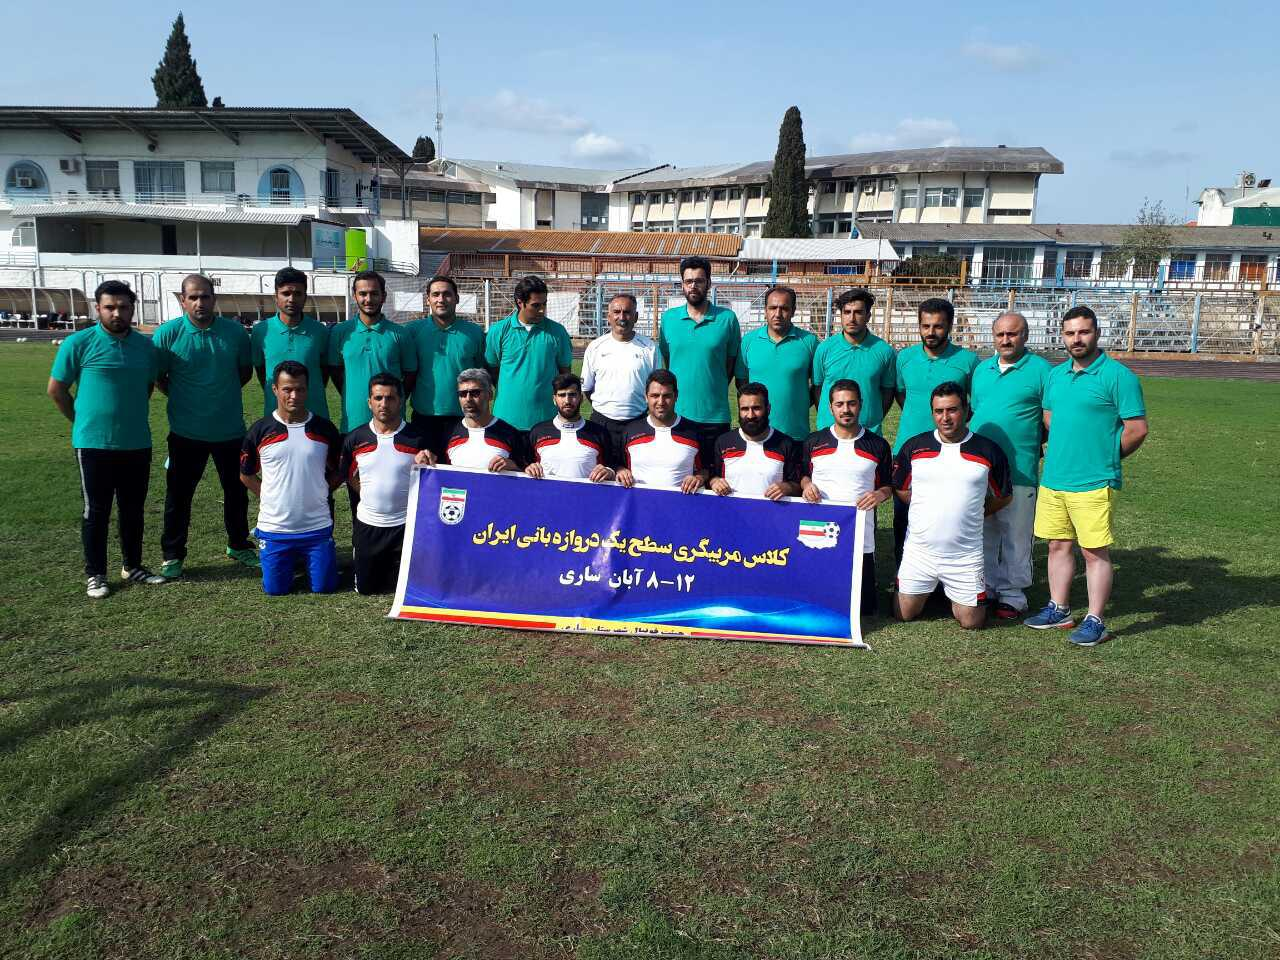 کلاس مربیگری دروازه بانی سطح یک فوتبال ایران برگزار شد + تصاویر